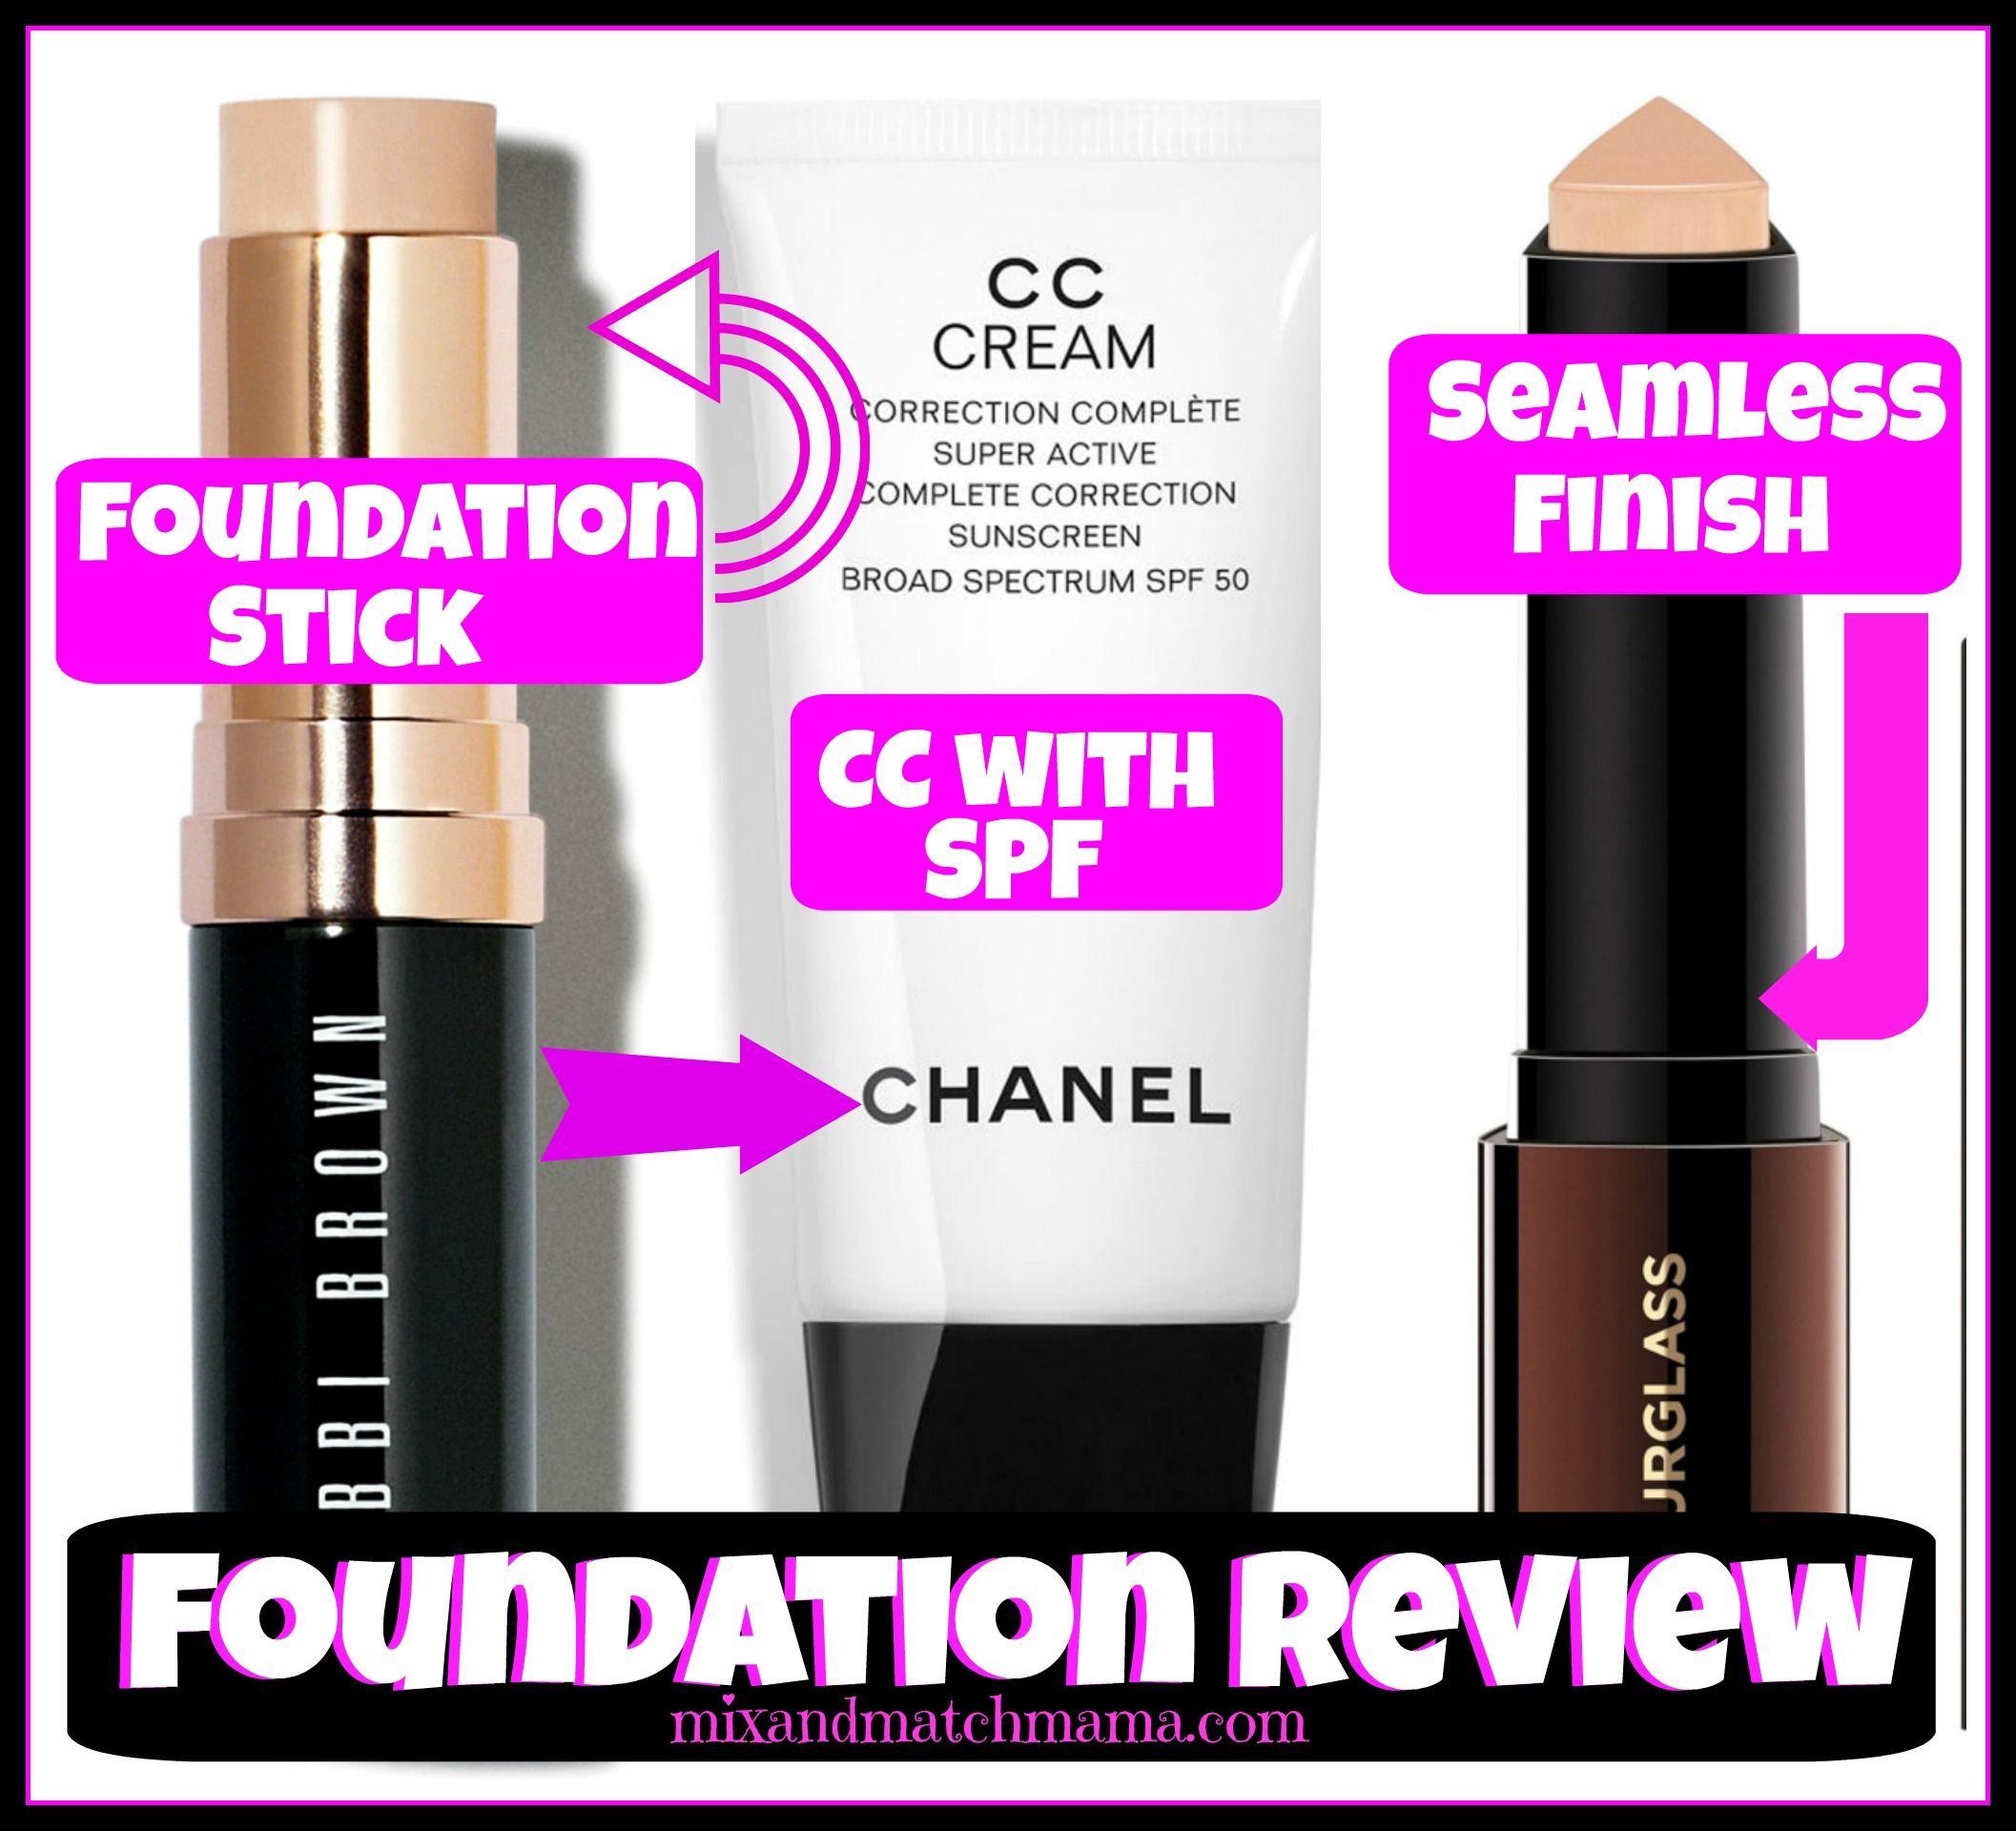 Foundation Review Bobbi brown foundation, Foundation, Cc